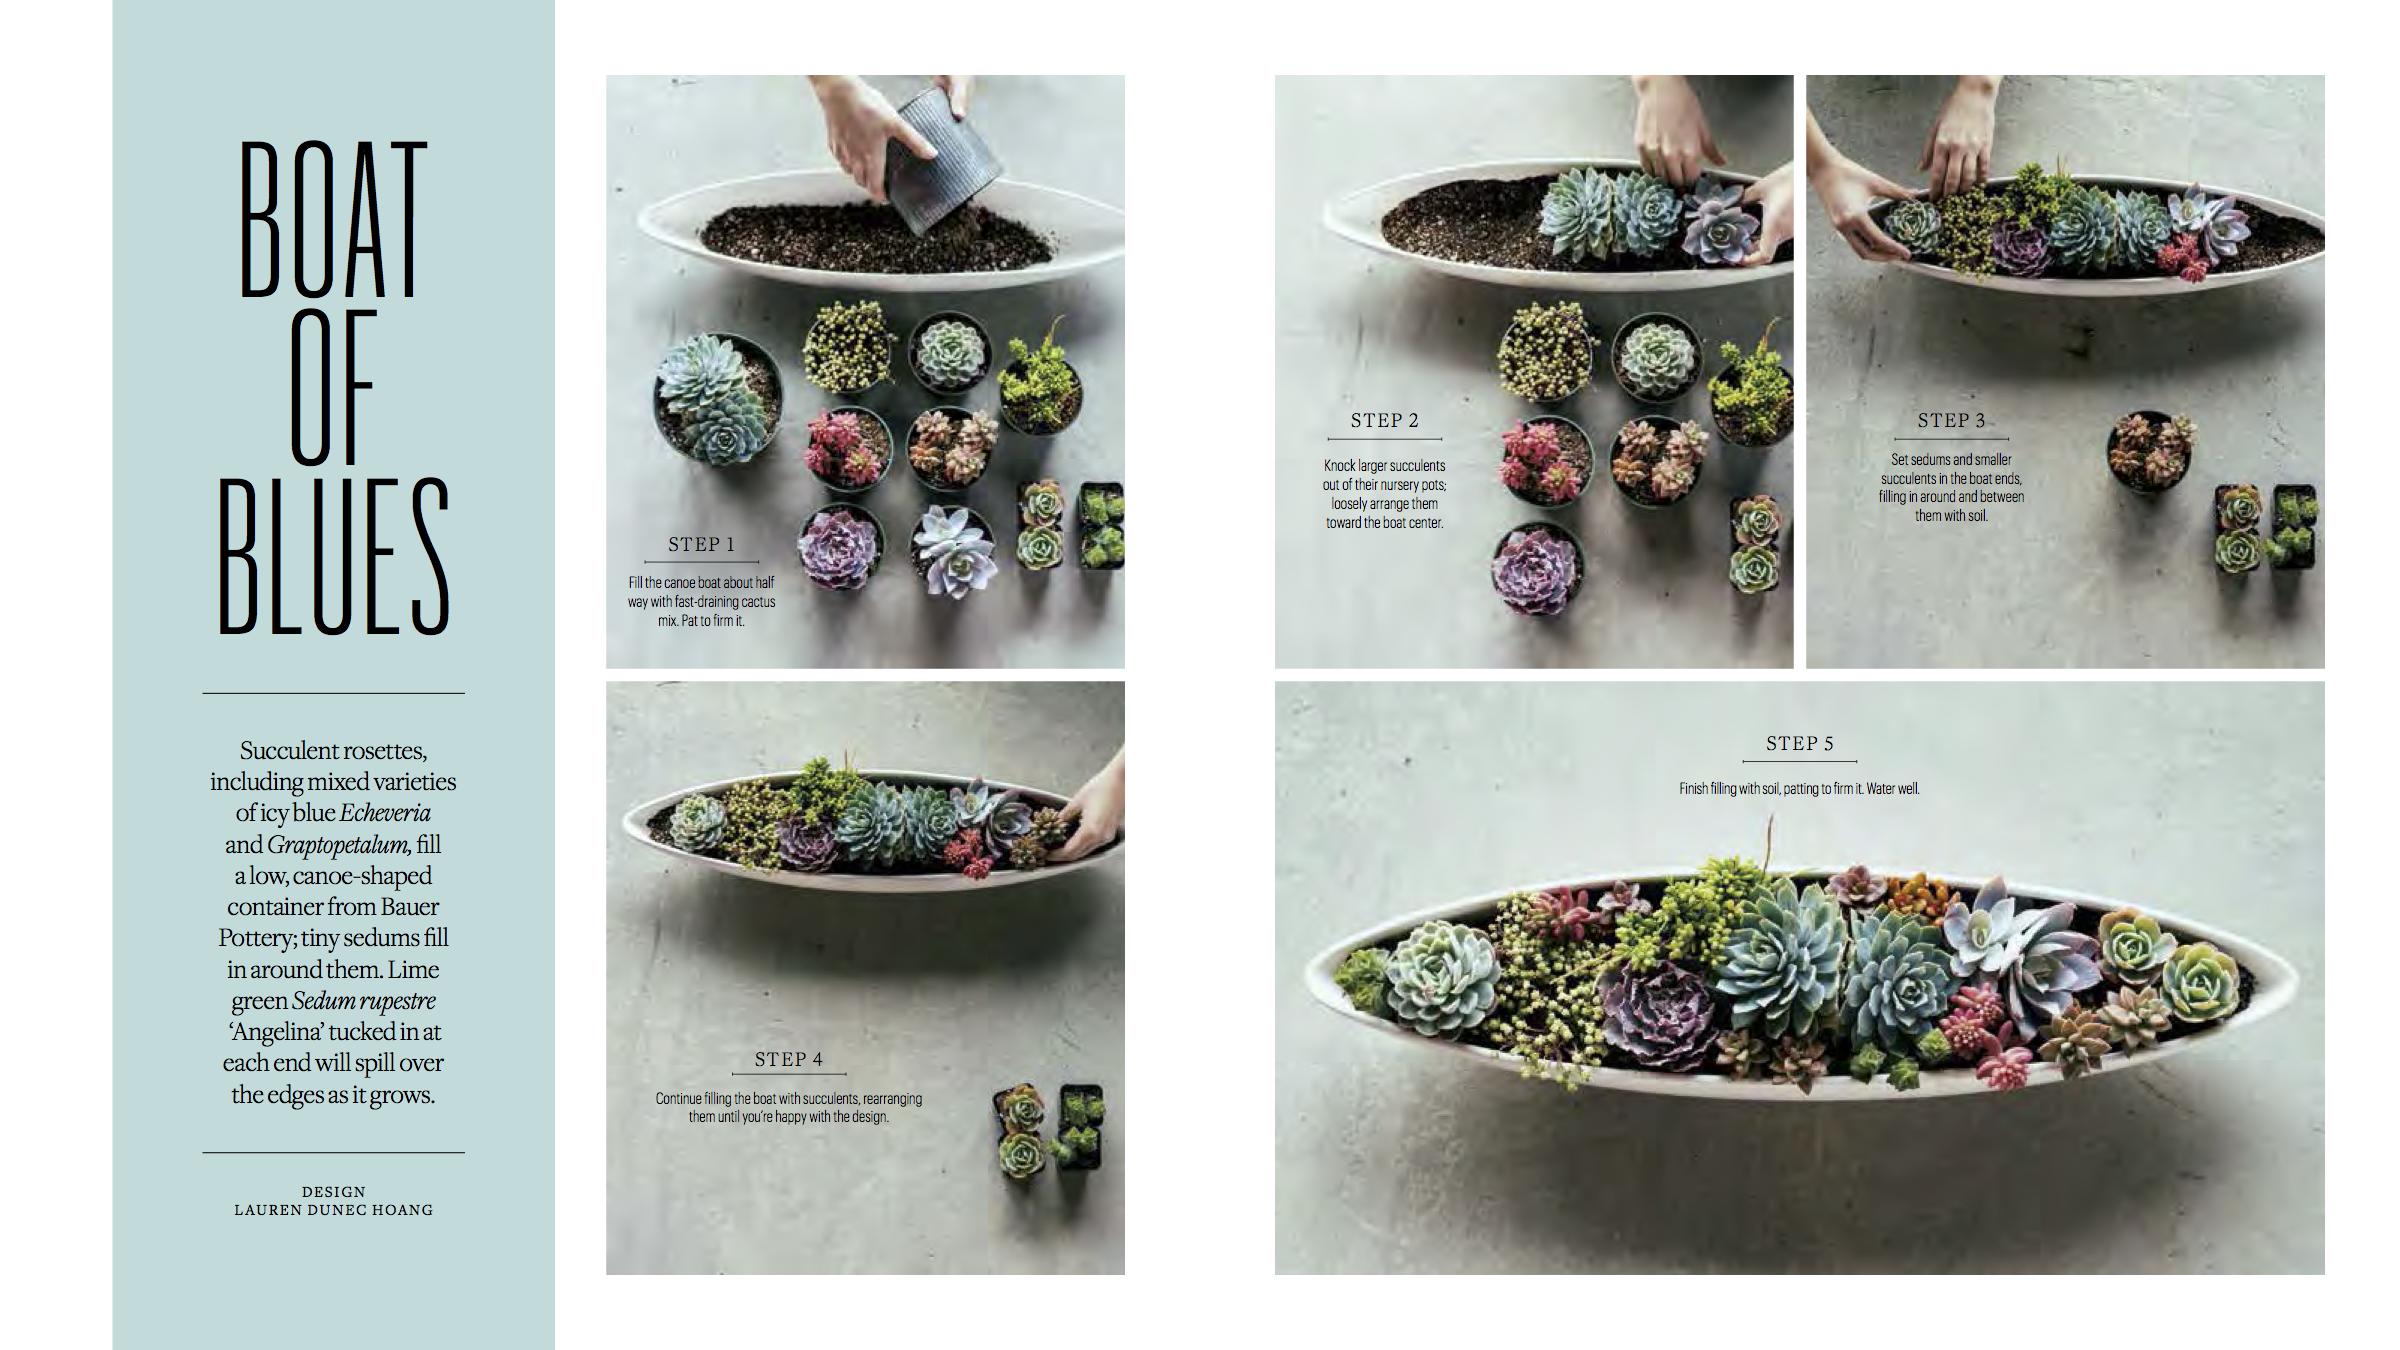 BLAD-Succulents 3.png